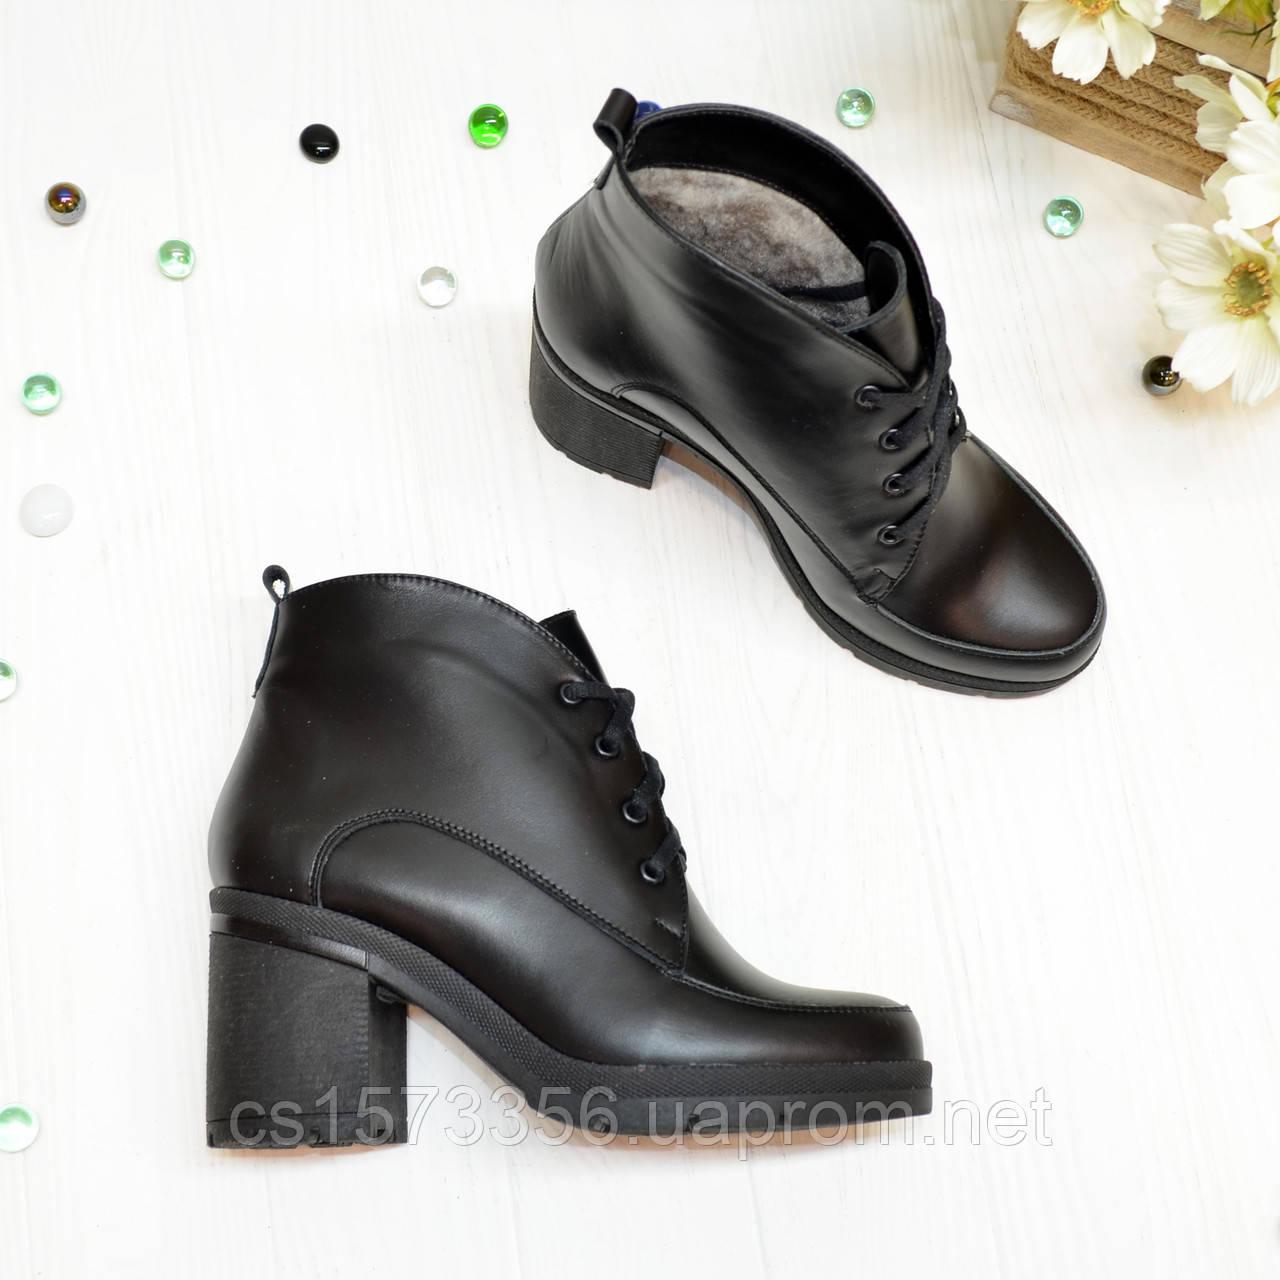 Стильные женские кожаные ботинки демисезонные на устойчивом каблуке